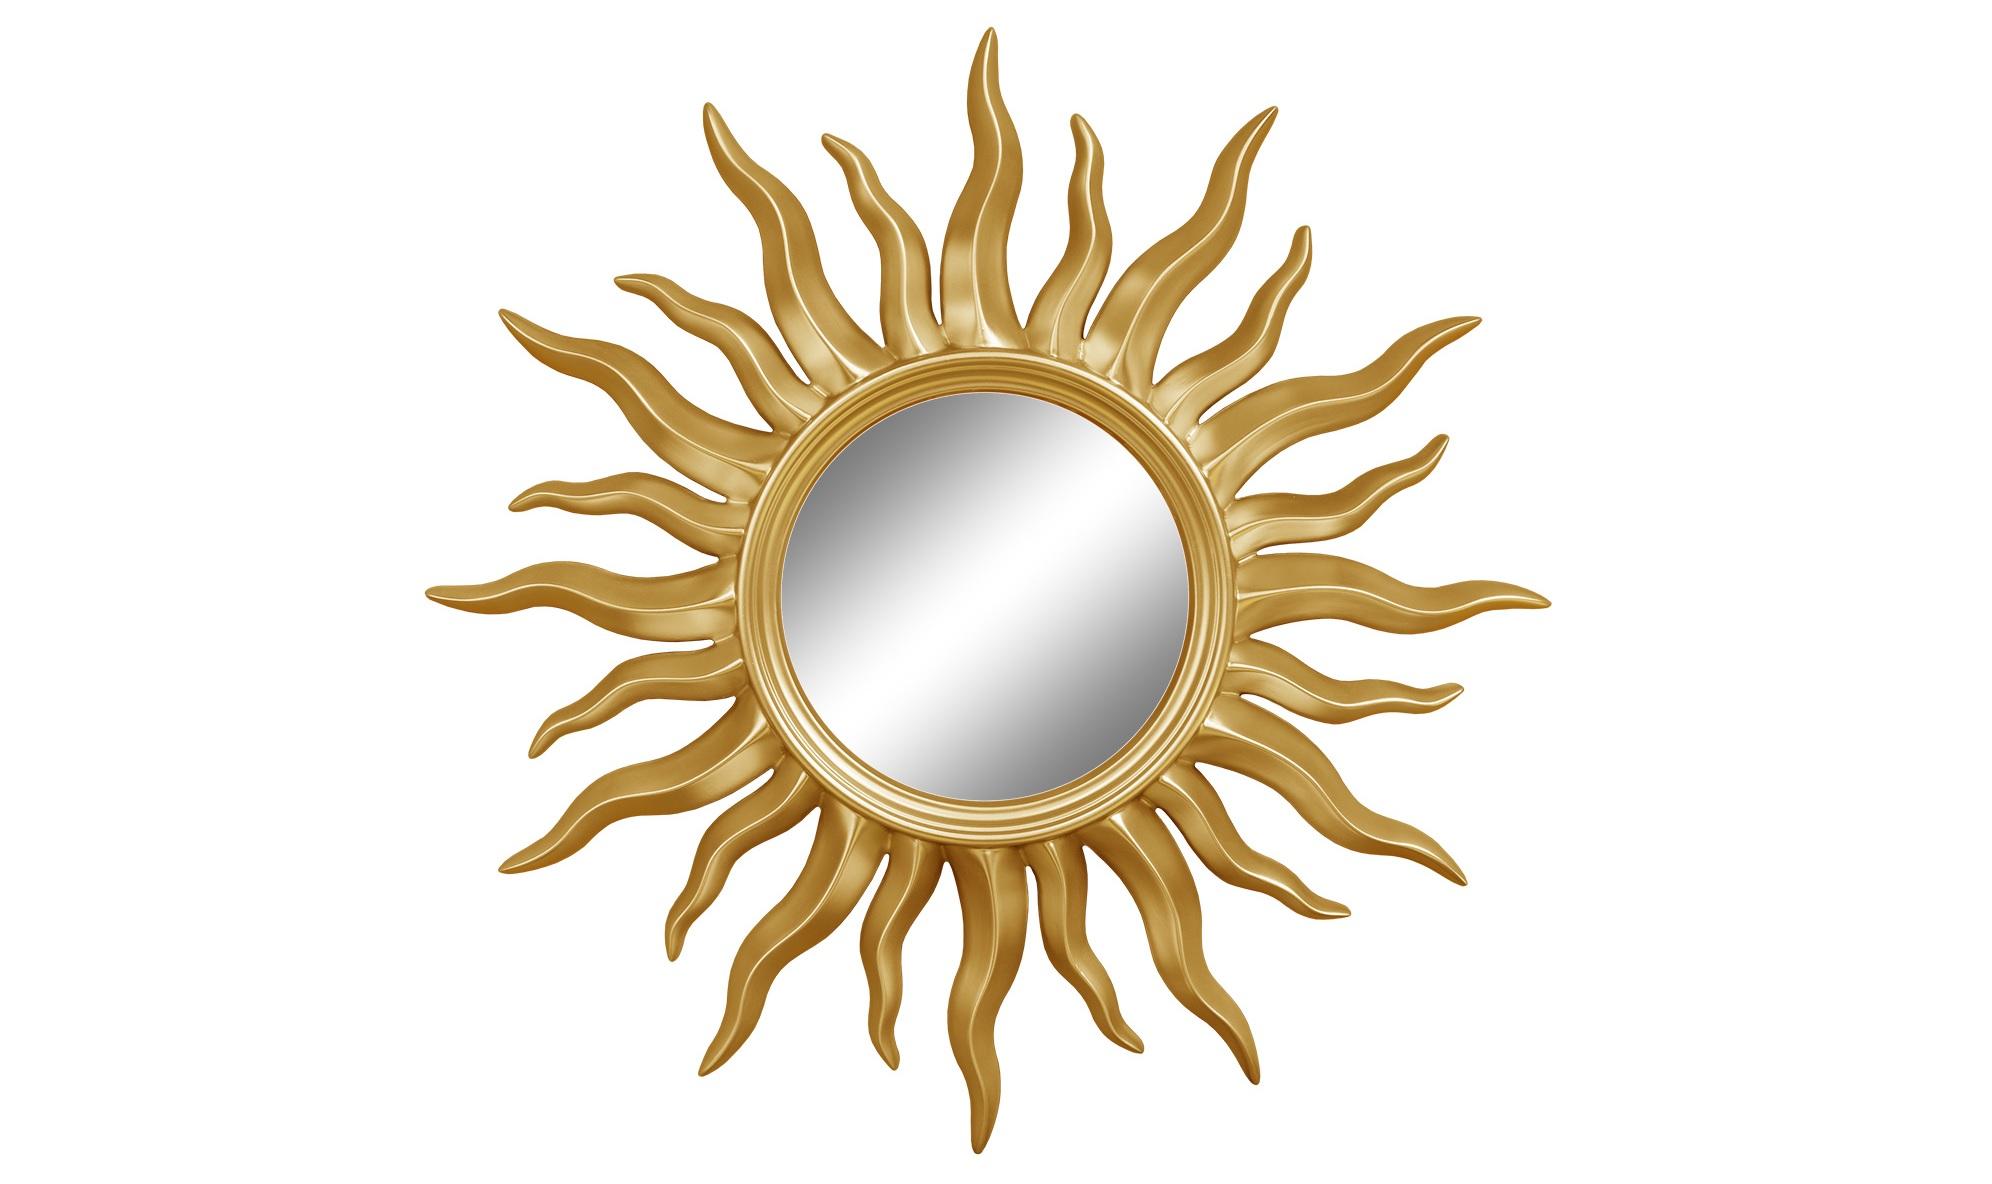 ЗеркалоНастенные зеркала<br>Зеркало Солнце в декоративной раме является прекрасным украшением интерьера. Зеркало в виде Солнца исключительный предмет интерьера, символ гармонии и совершенства, а солнечные лучи дарят хорошее настроение и теплоту.&amp;lt;div&amp;gt;&amp;lt;br&amp;gt;&amp;lt;/div&amp;gt;&amp;lt;div&amp;gt;Рама для этого зеркала произведена из высококачественного мебельного пенополиуретана ППУ. Мебельный пенополиуретан (ППУ) является одним из самых распространенных современных материалов для производства мебели и мебельного декора. Формовочный мебельный пенополиуретан ППУ - это высокотехнологичный экологический чистый материал, отличающийся повышенной износостойкостью и долговечностью.Рекомендации по уходу: Бережная, влажная уборка. Запрещается использование любых растворителей.&amp;lt;br&amp;gt;&amp;lt;/div&amp;gt;<br><br>Material: Полиуретан<br>Length см: None<br>Width см: None<br>Depth см: 4<br>Height см: None<br>Diameter см: 91